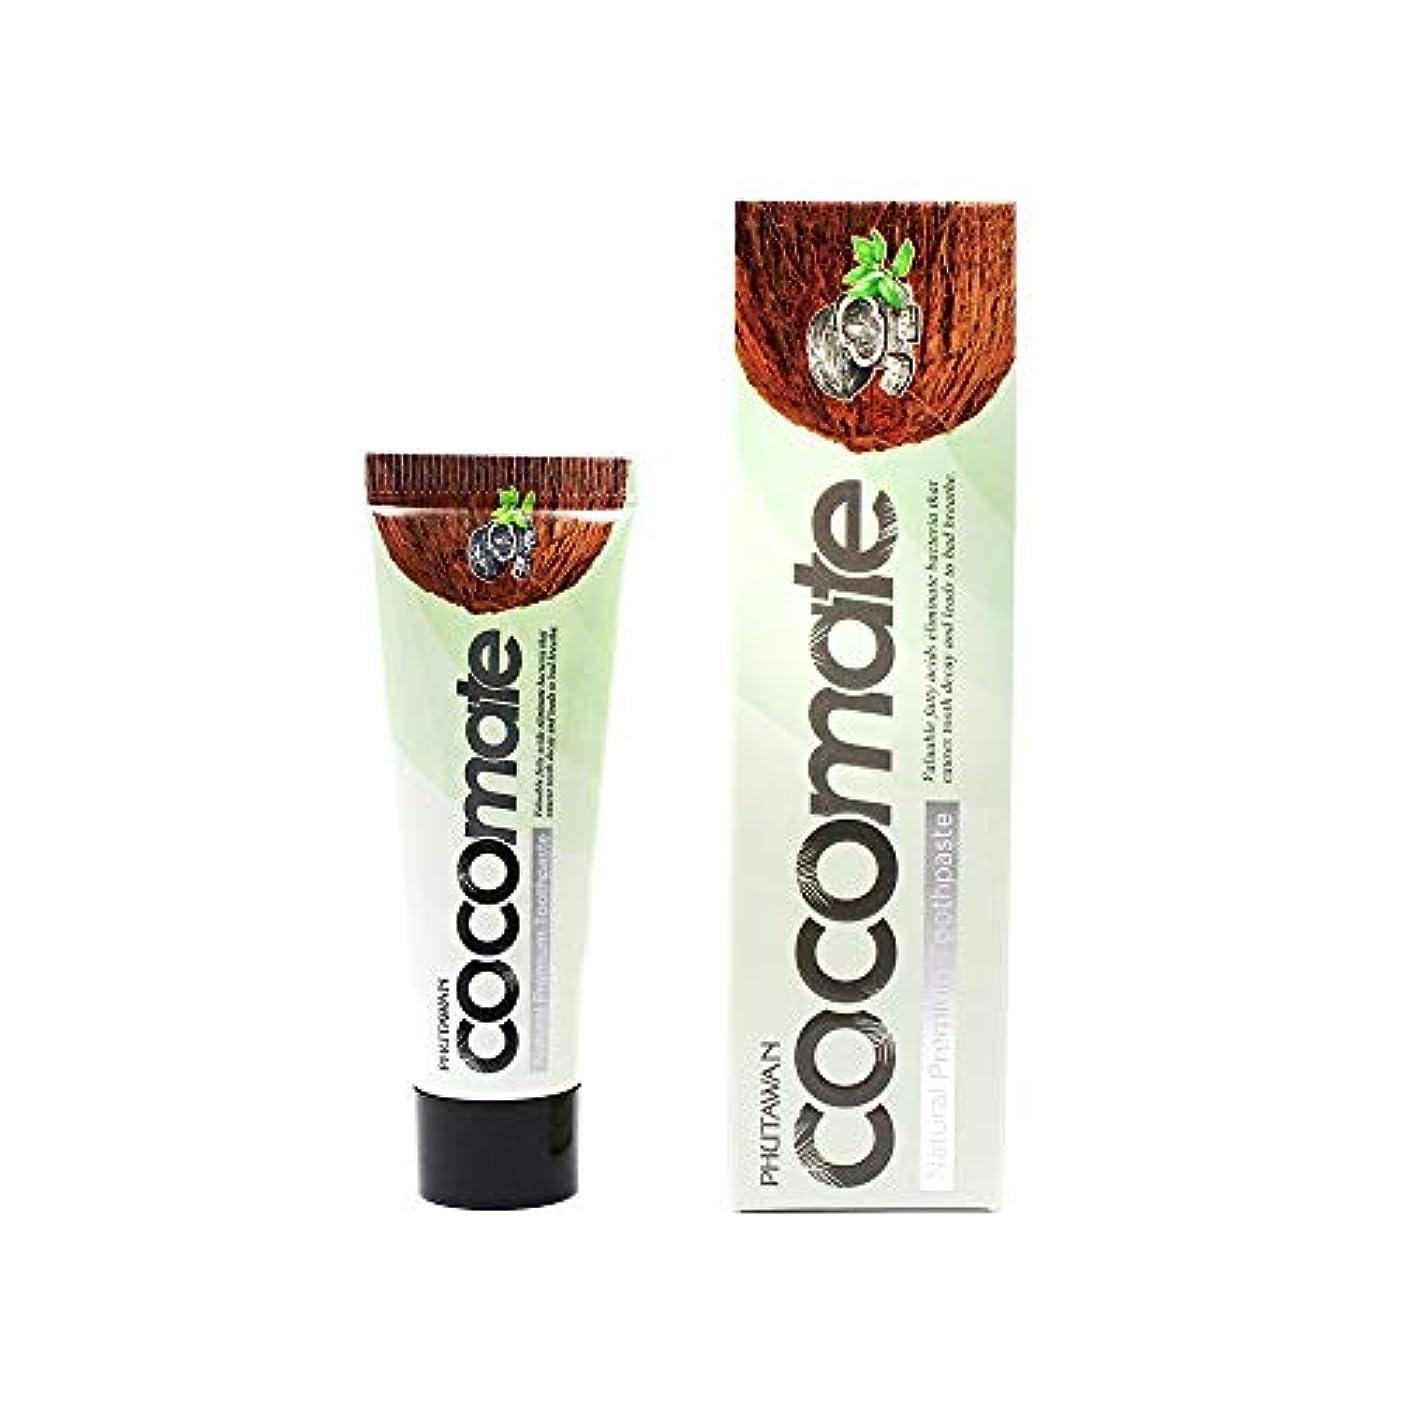 郵便ビジネス退化する歯磨き粉 Cocomate Natural Premium Toothpaste